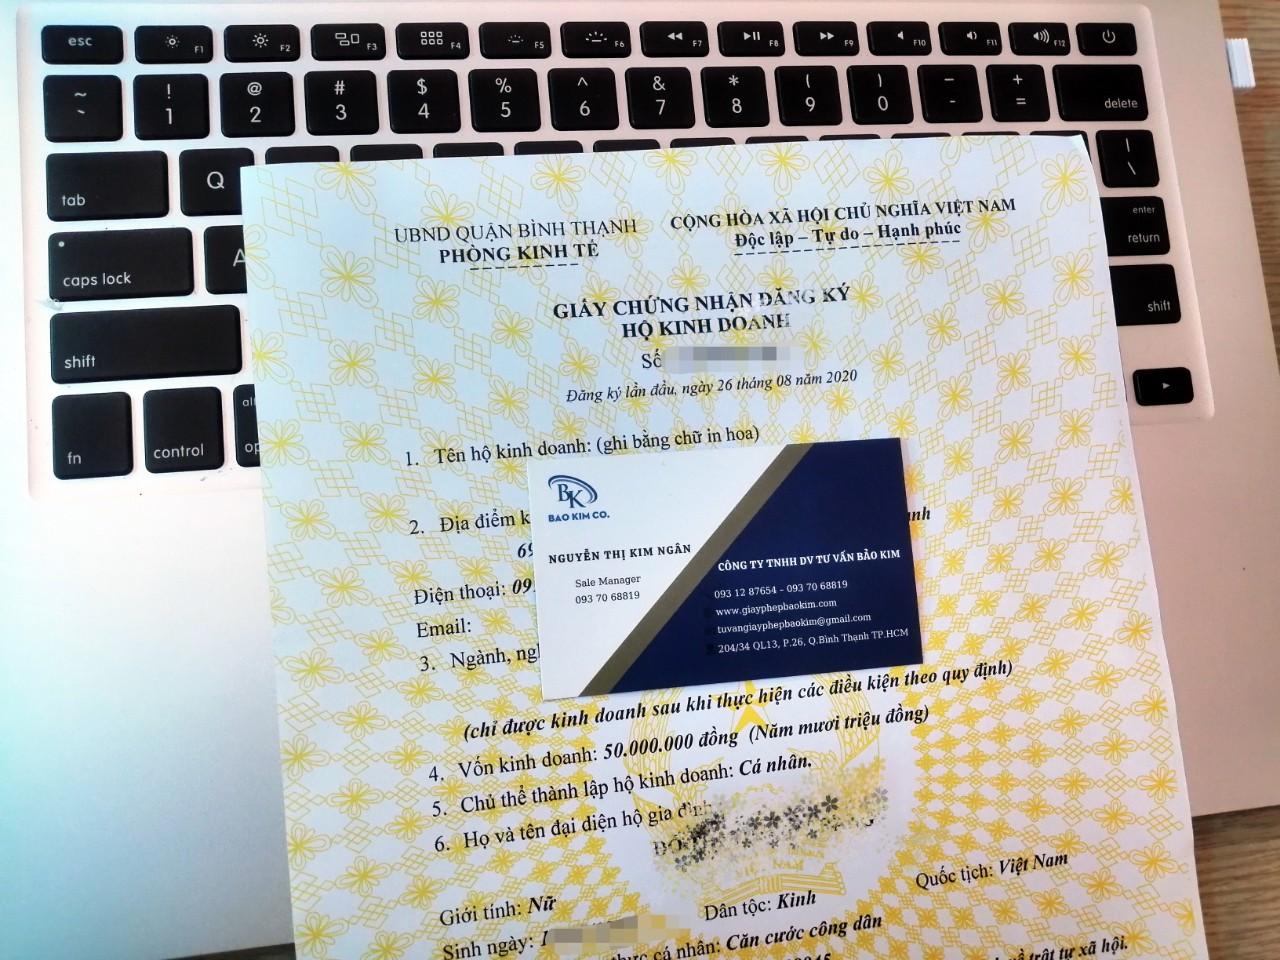 đăng ký thành lập hộ kinh doanh